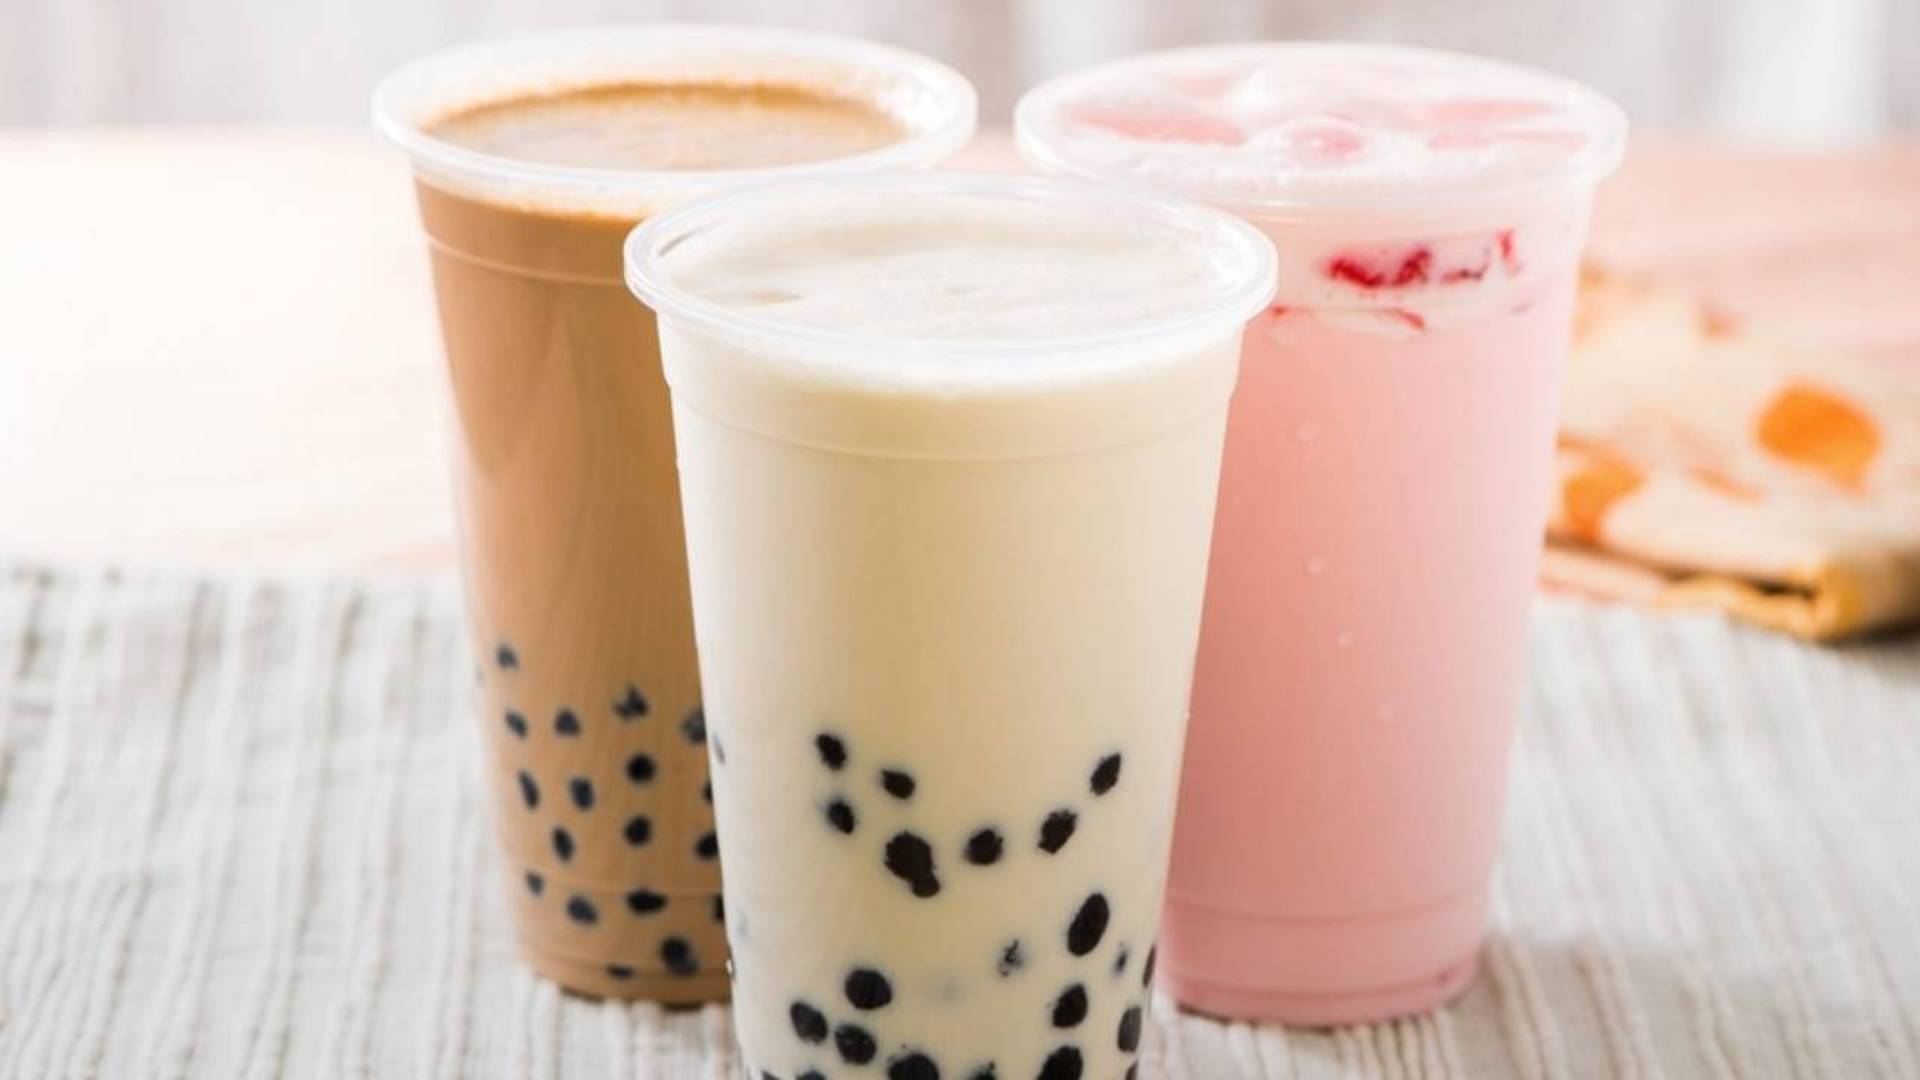 Cách uống trà sữa khoa học, ít ảnh hưởng tới sức khỏe nhất